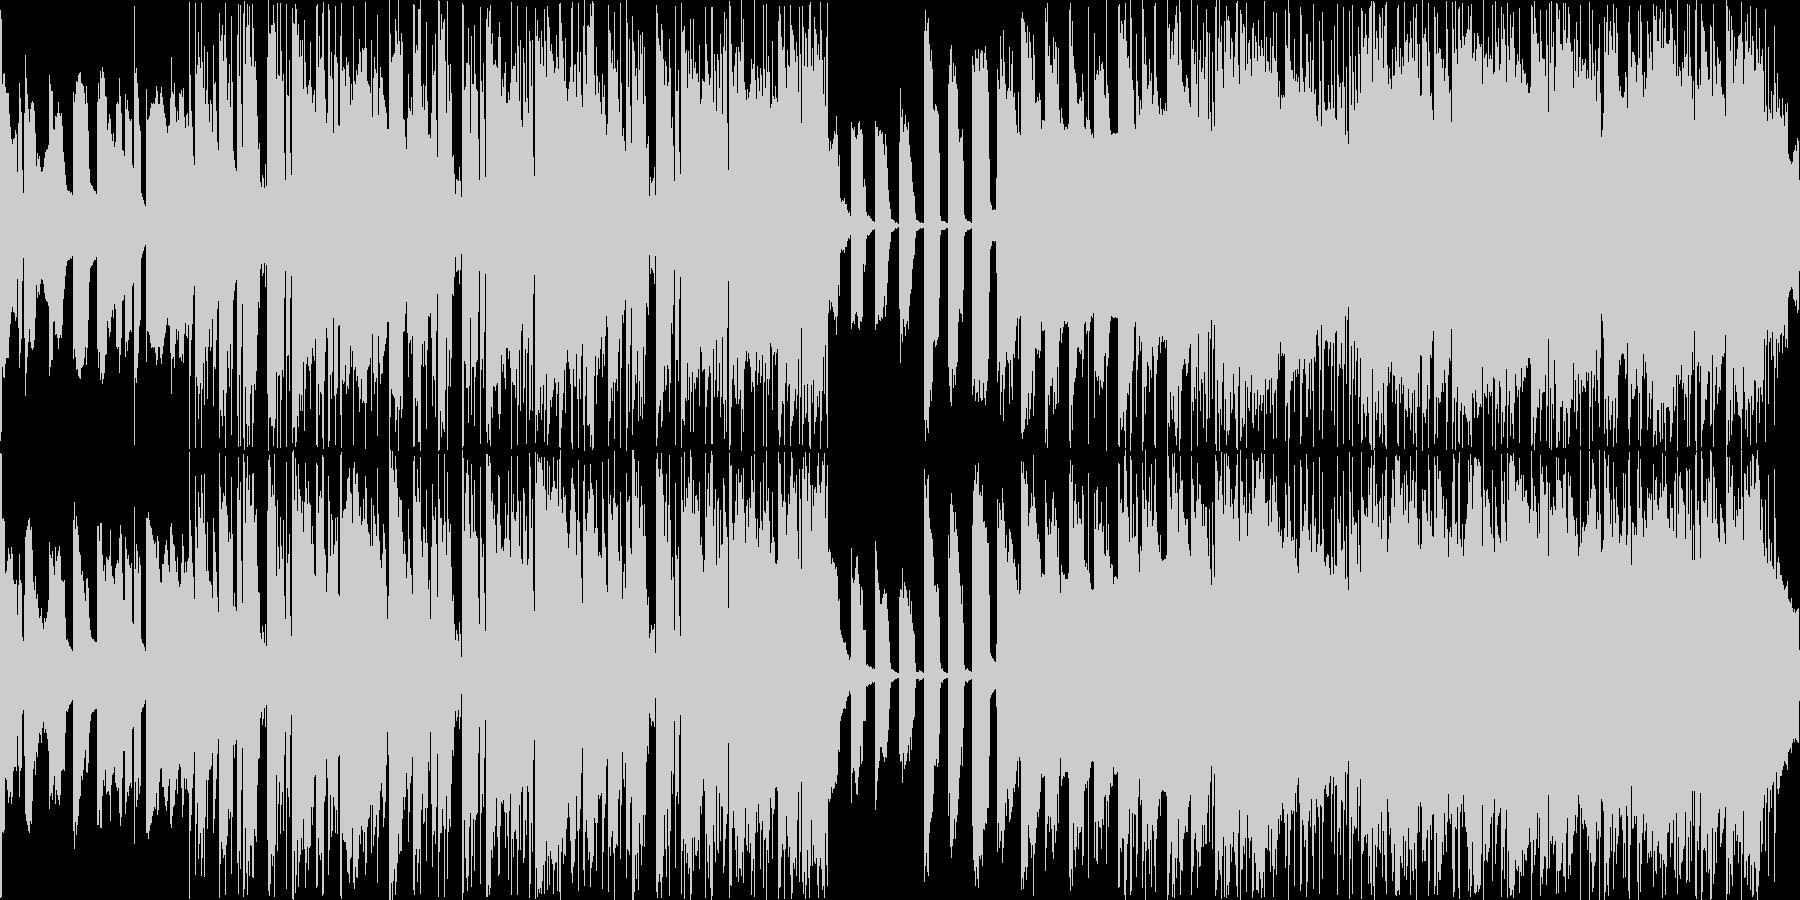 明るくポップなエレクトロBGMの未再生の波形